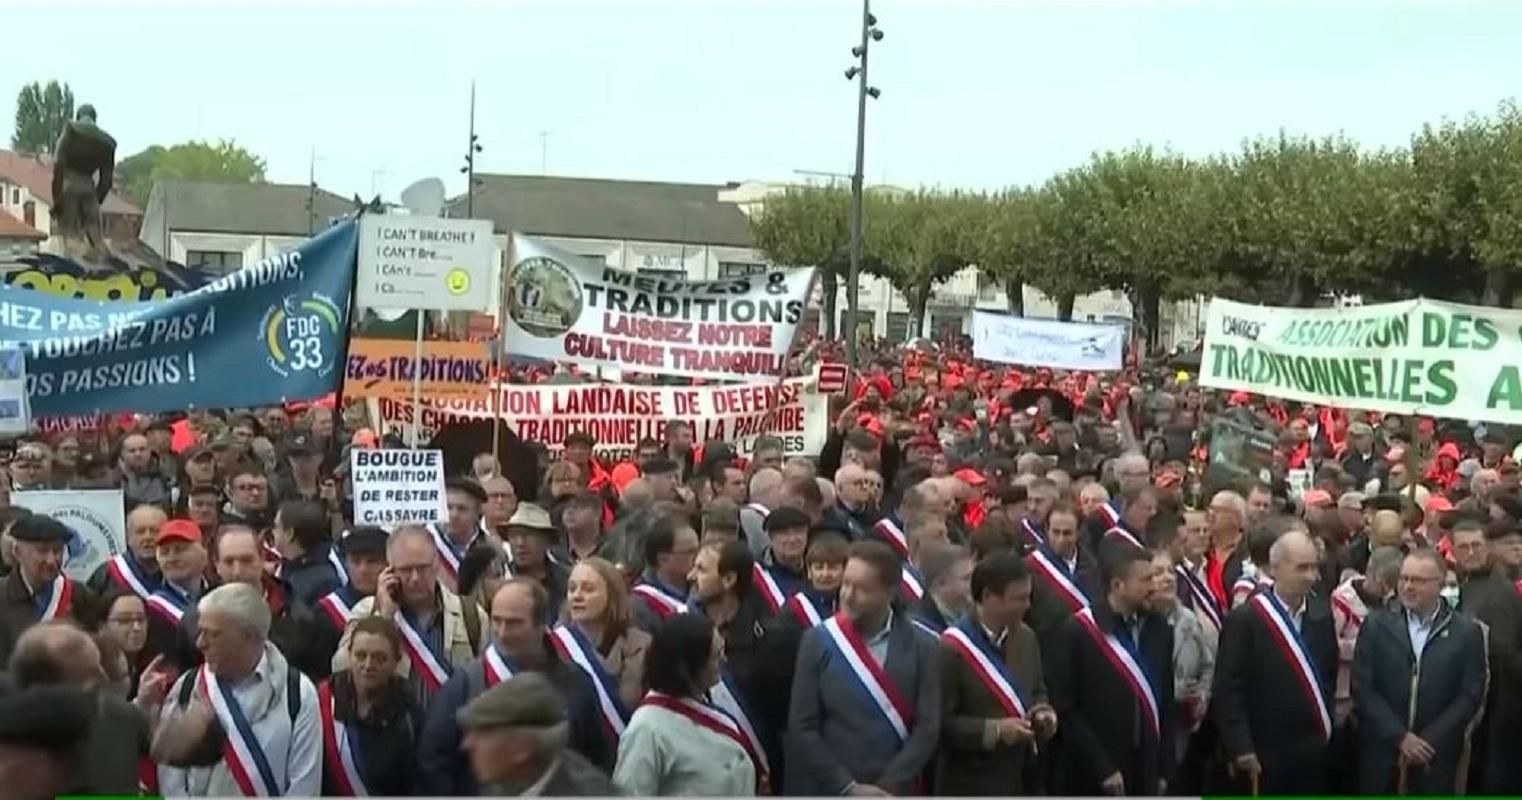 مظاهرة للصيادين في مدينة كون دو مارسان الفرنسية